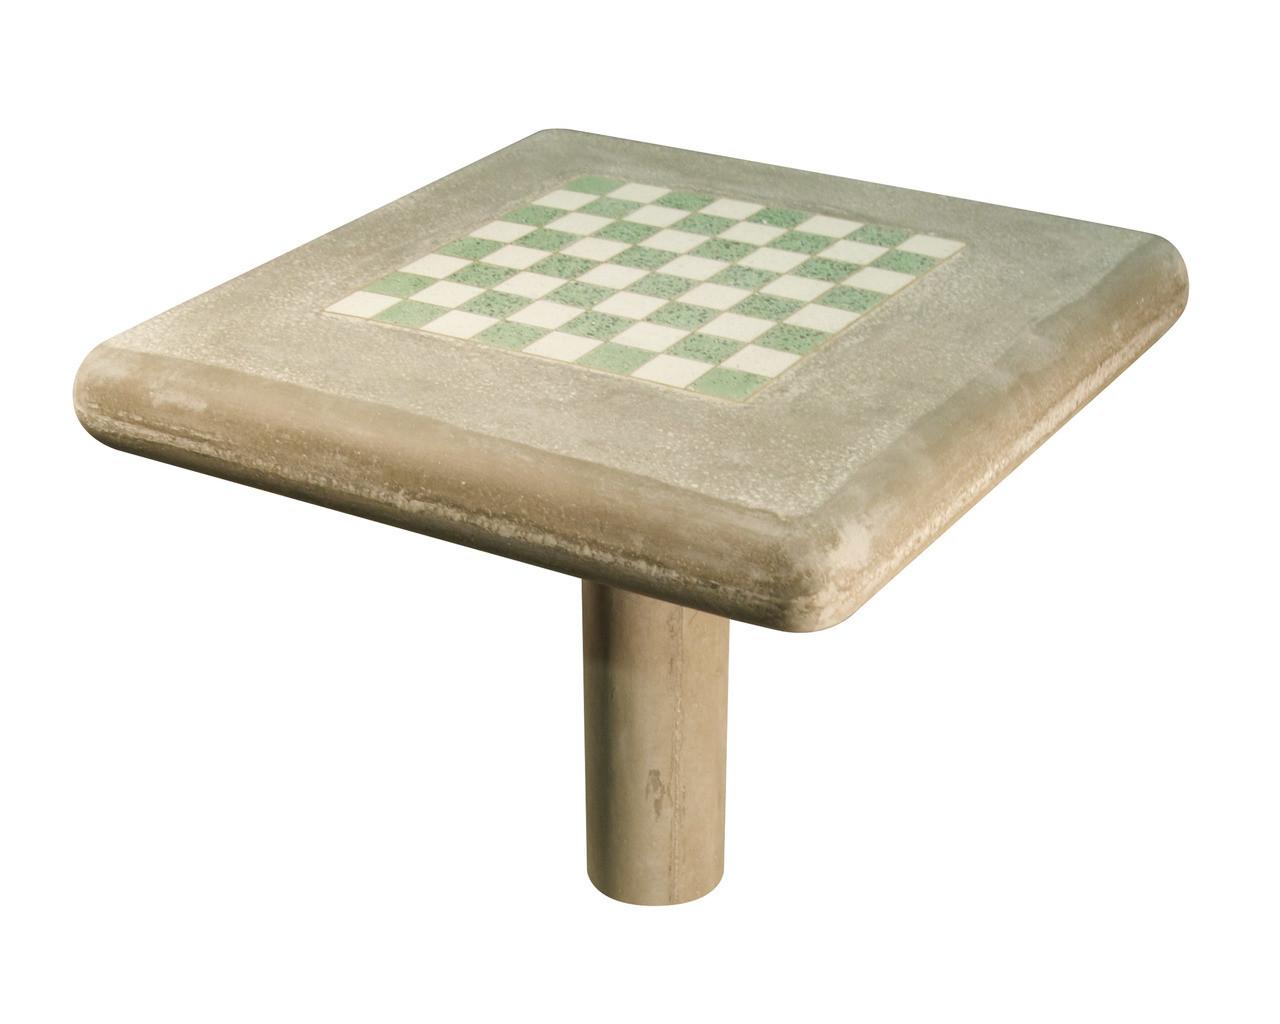 Ordinaire Concrete Chess Table